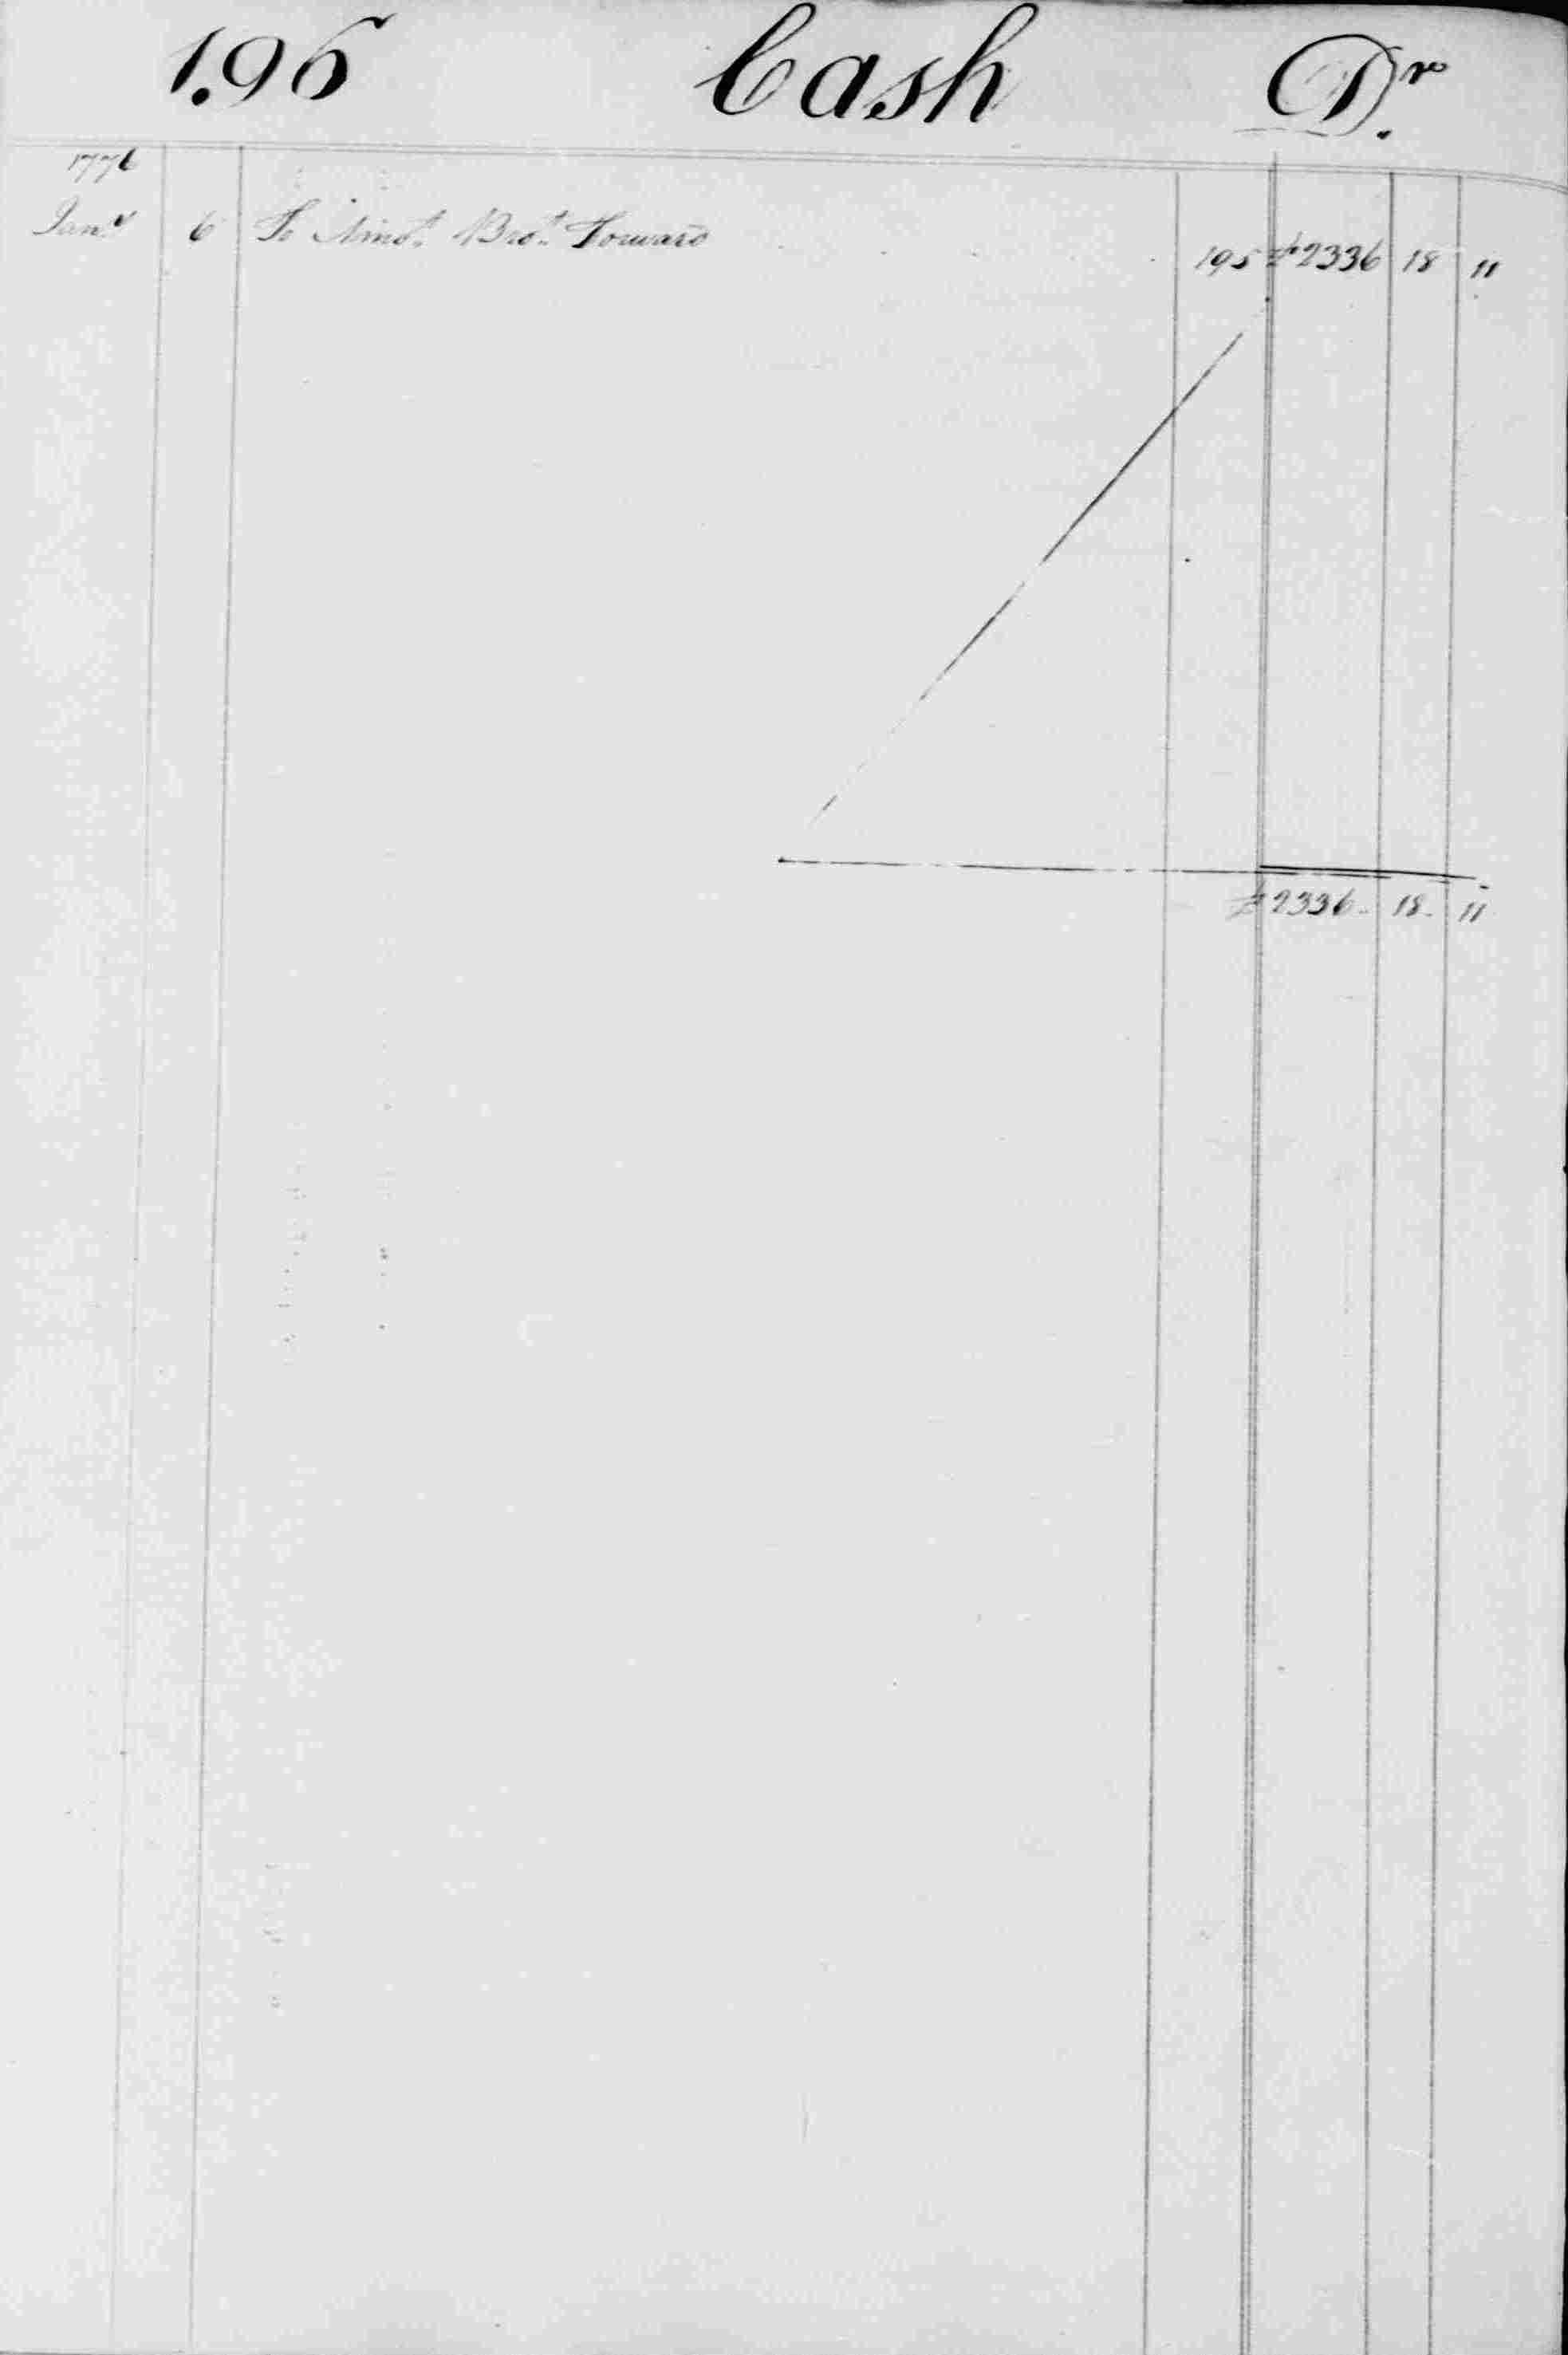 Ledger B, folio 196, left side